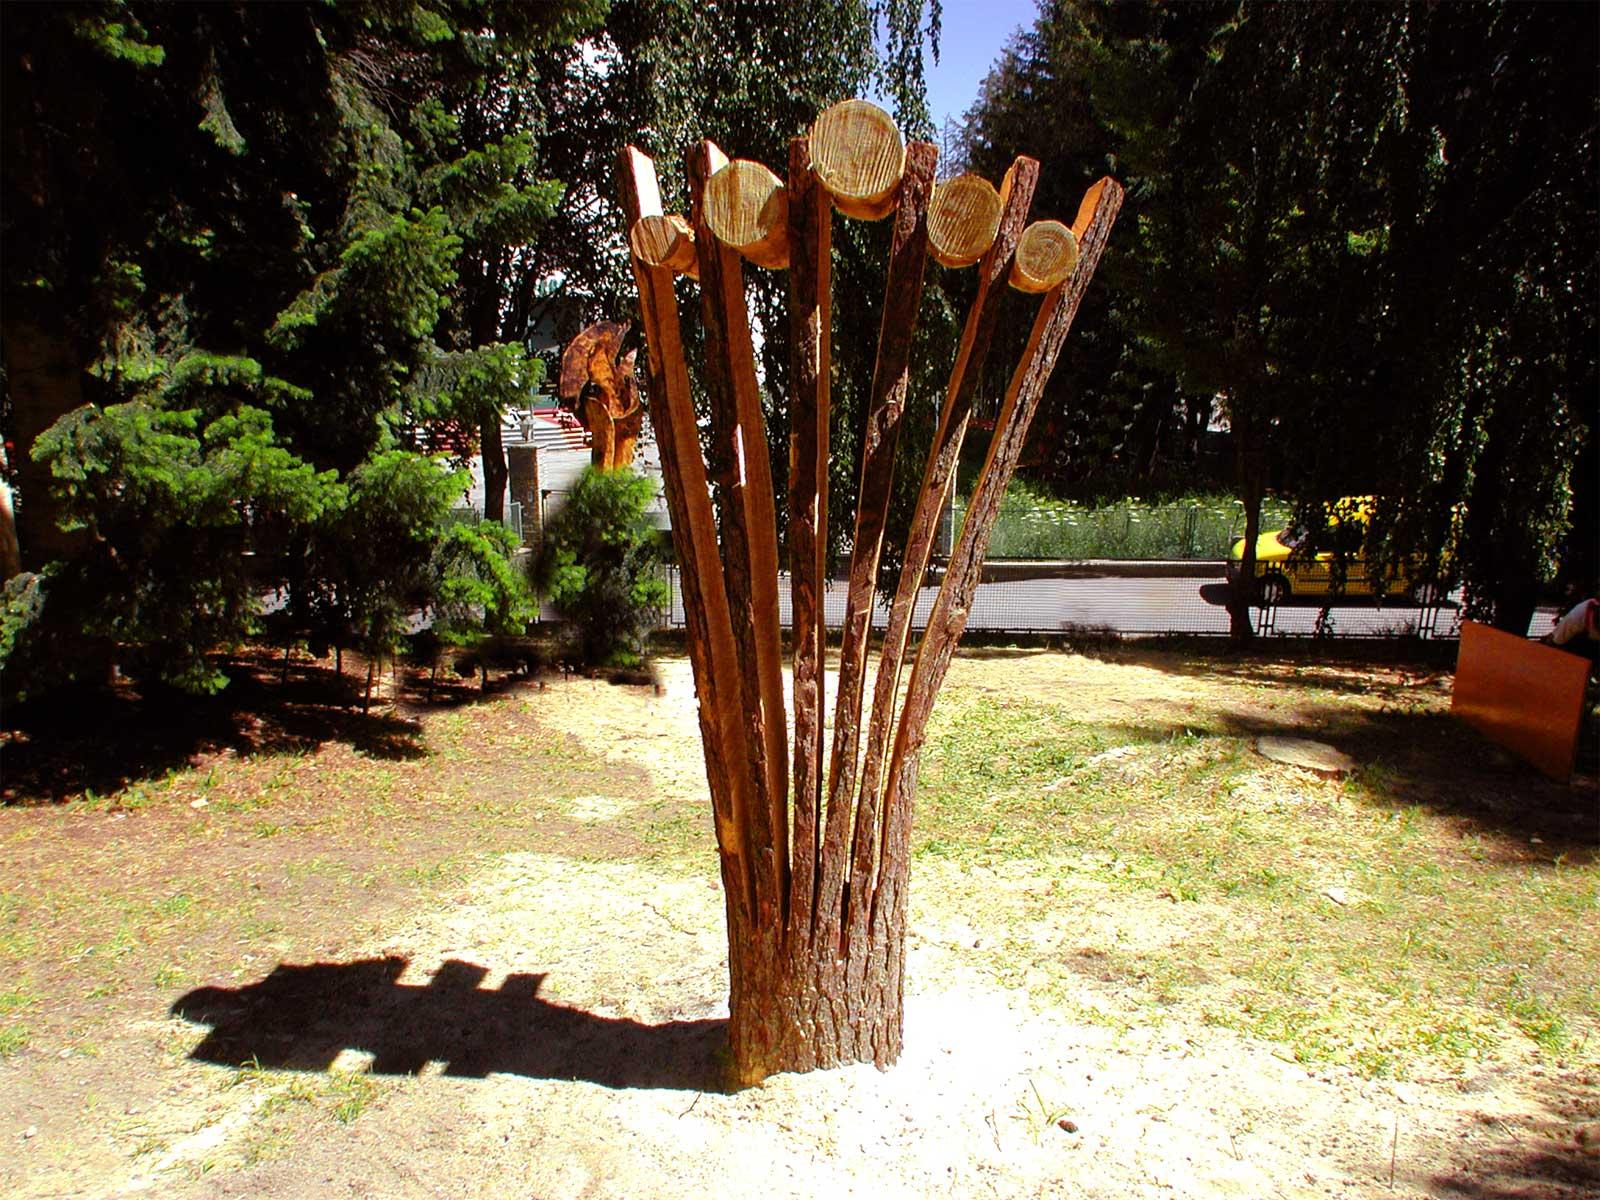 wood, public sculpture Sauze d'Oulx, Italy 2005